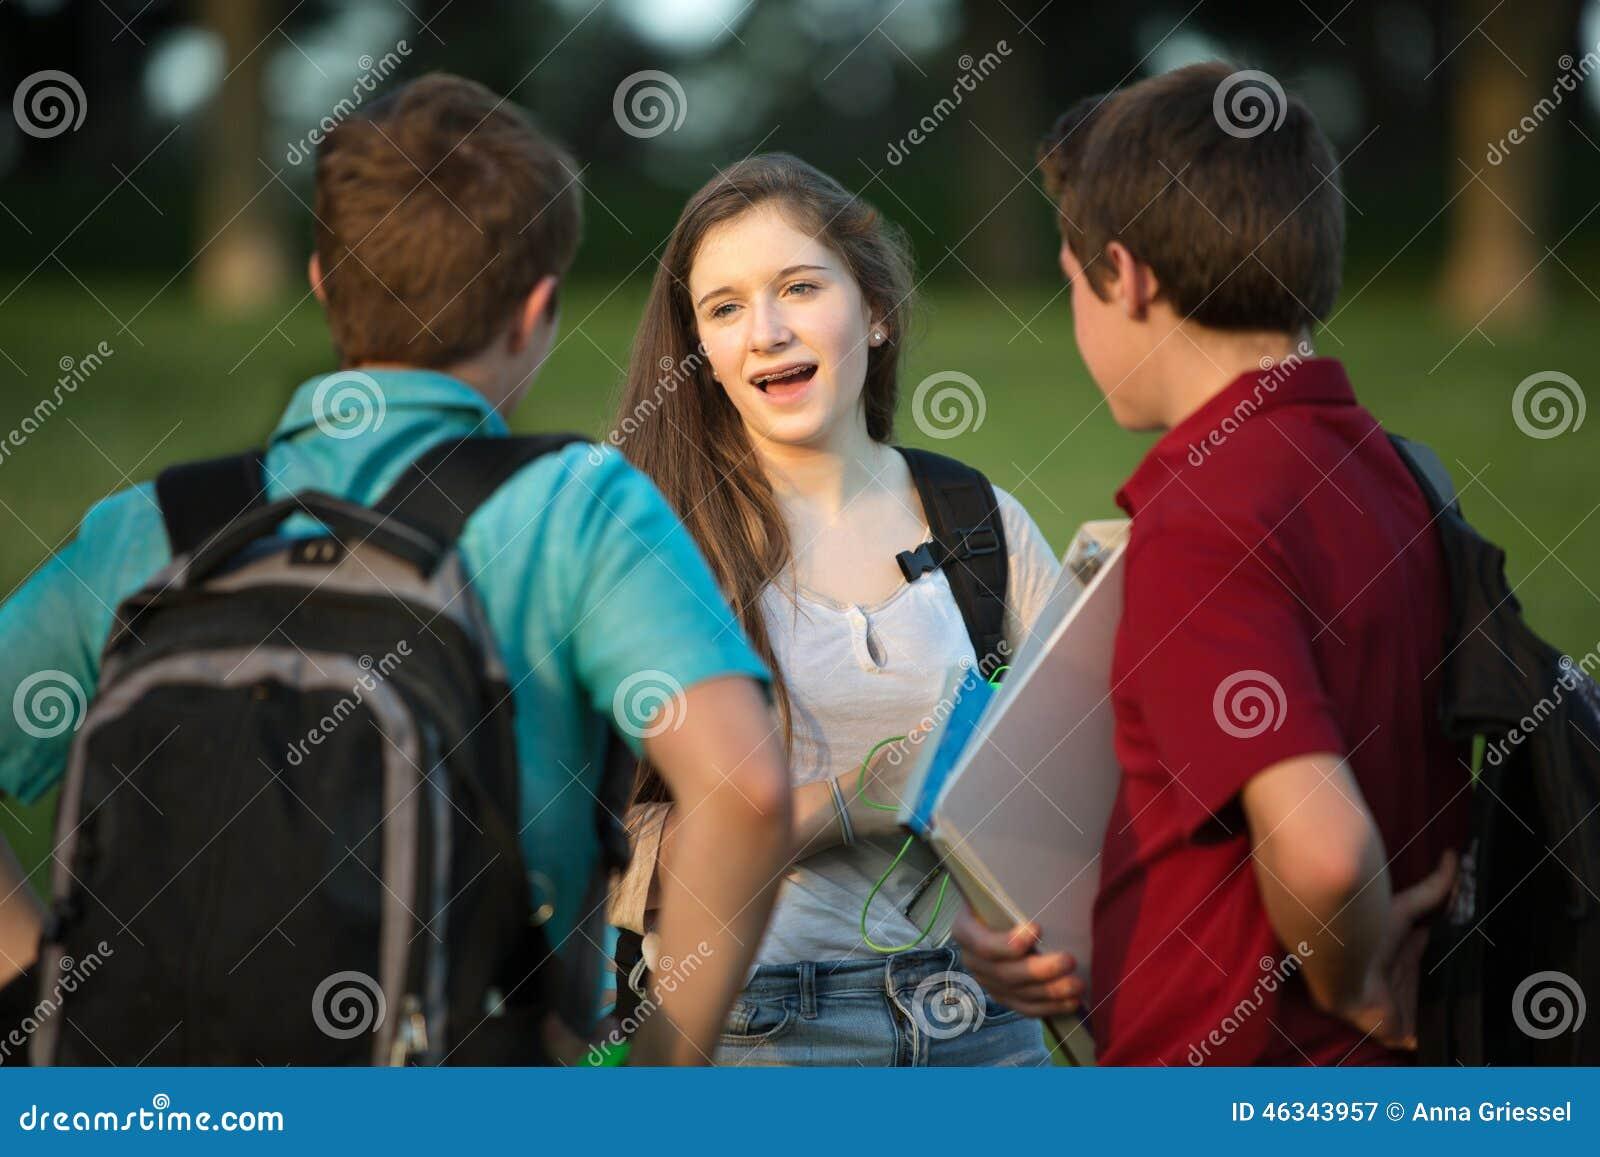 Cute Teen Trio Outdoor Fun